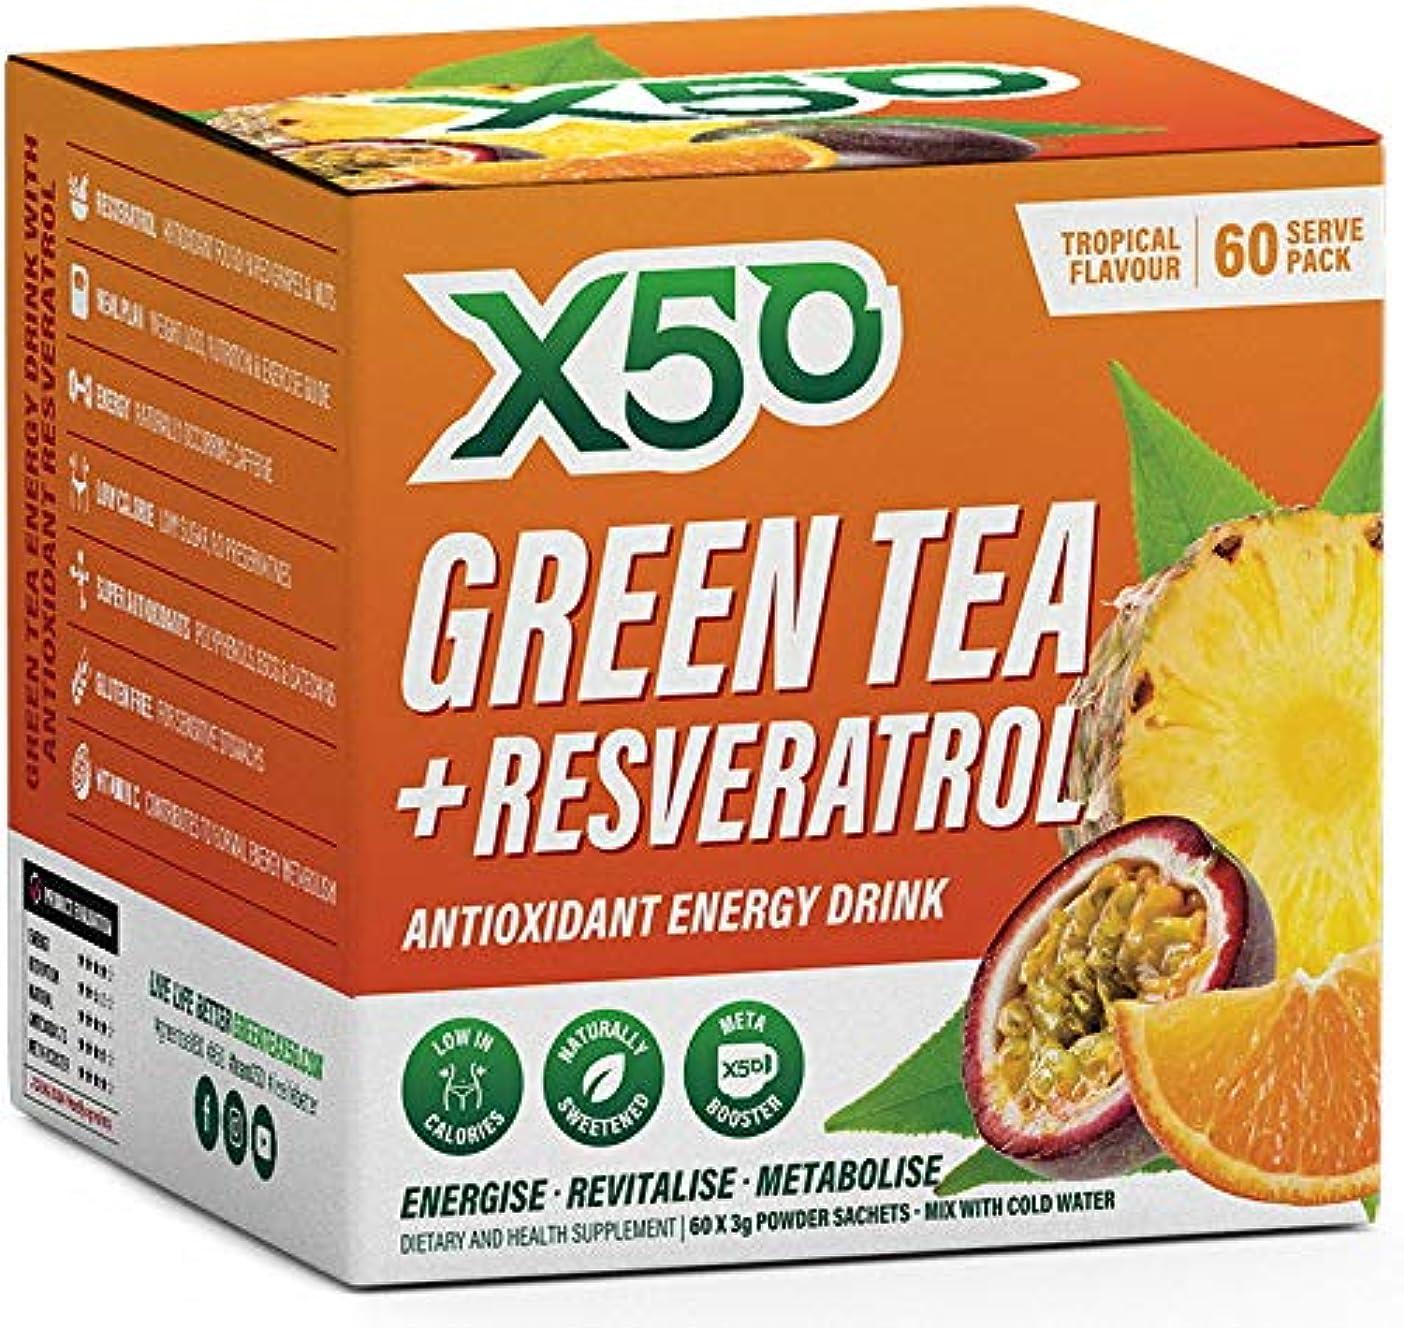 必要条件苦難バーターGreen Tea X50 [海外直送品] オーストラリア保健省?行政局認可製品 (Tropical(トロピカル味) x60袋)